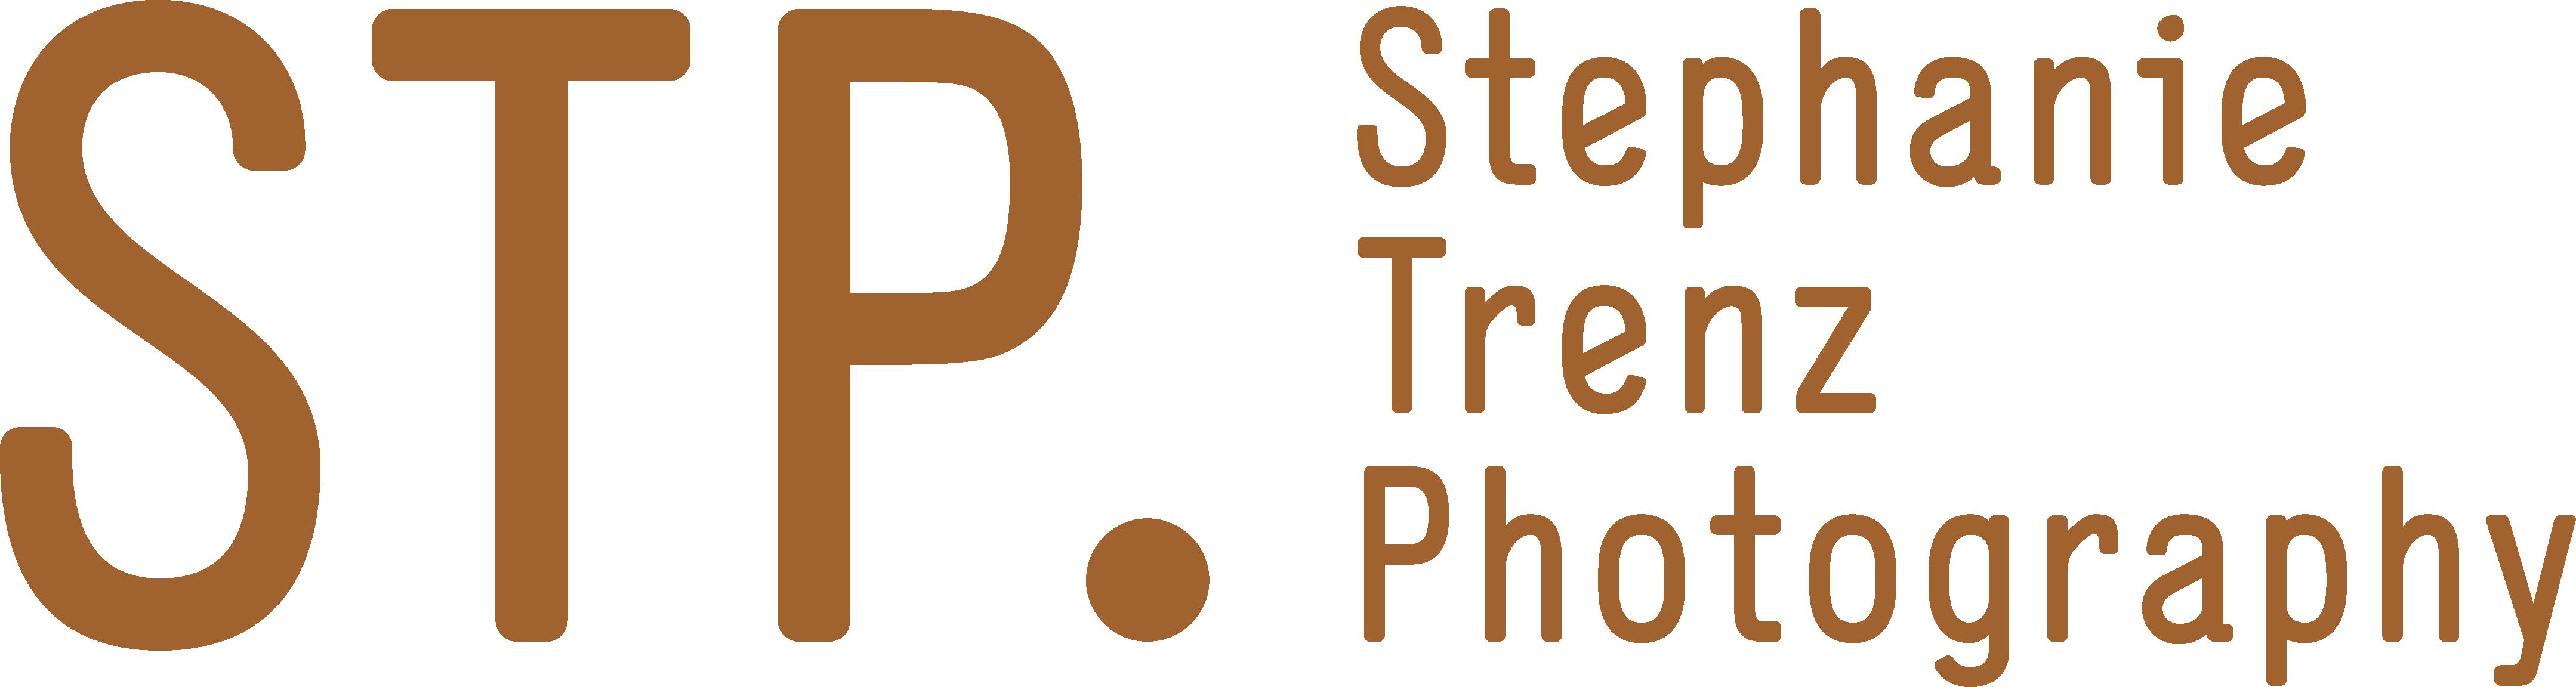 Stephanie Trenz Photography